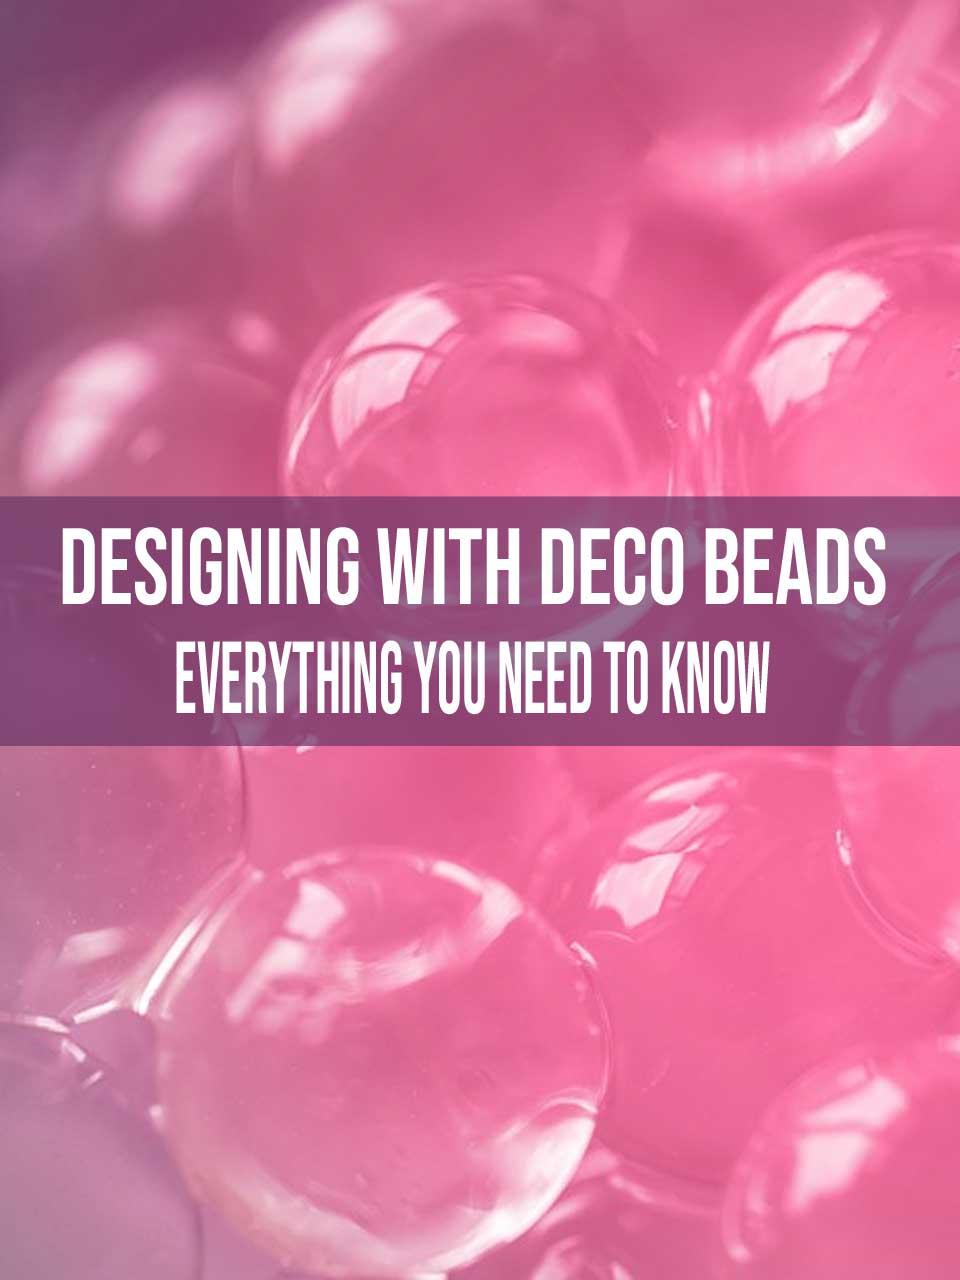 deco beads